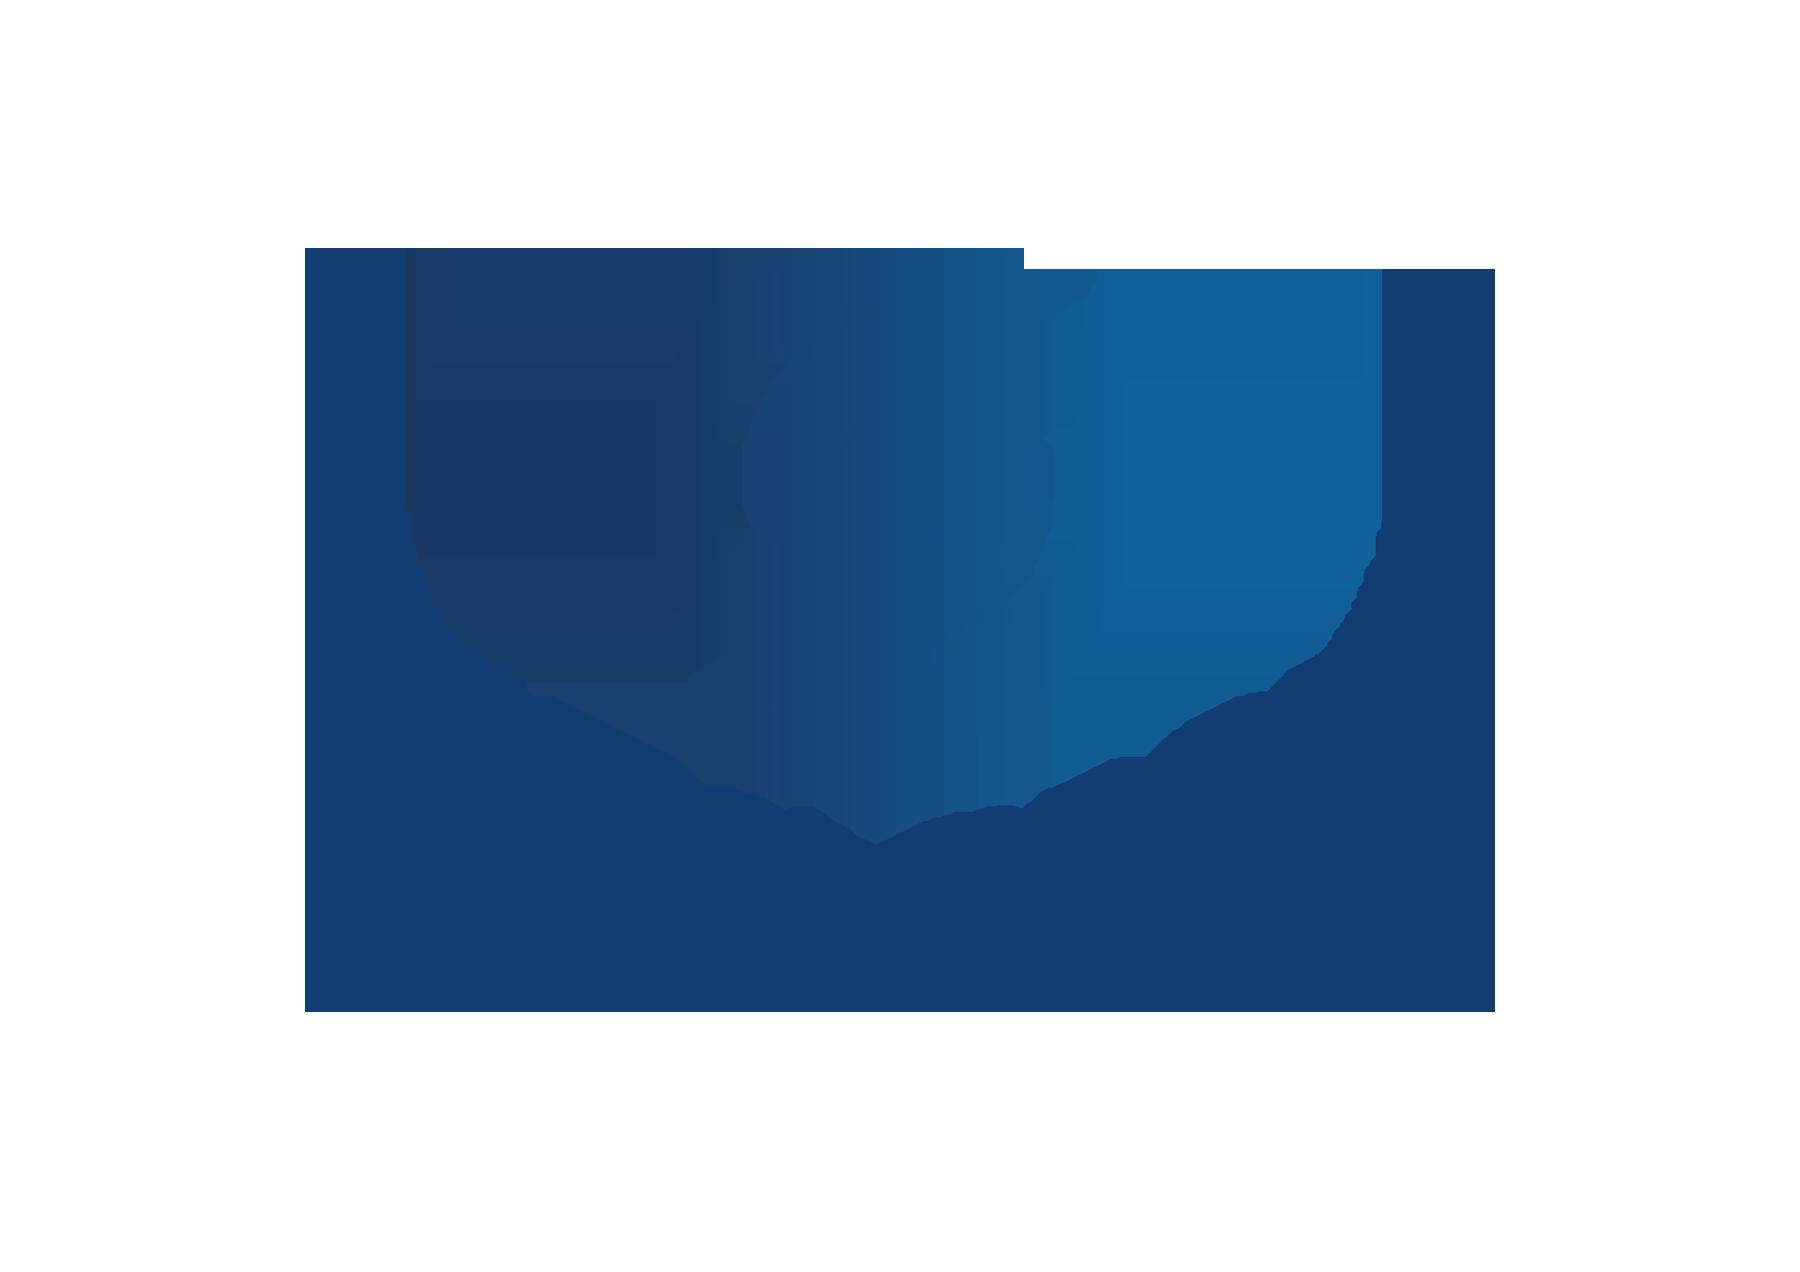 Greva Group